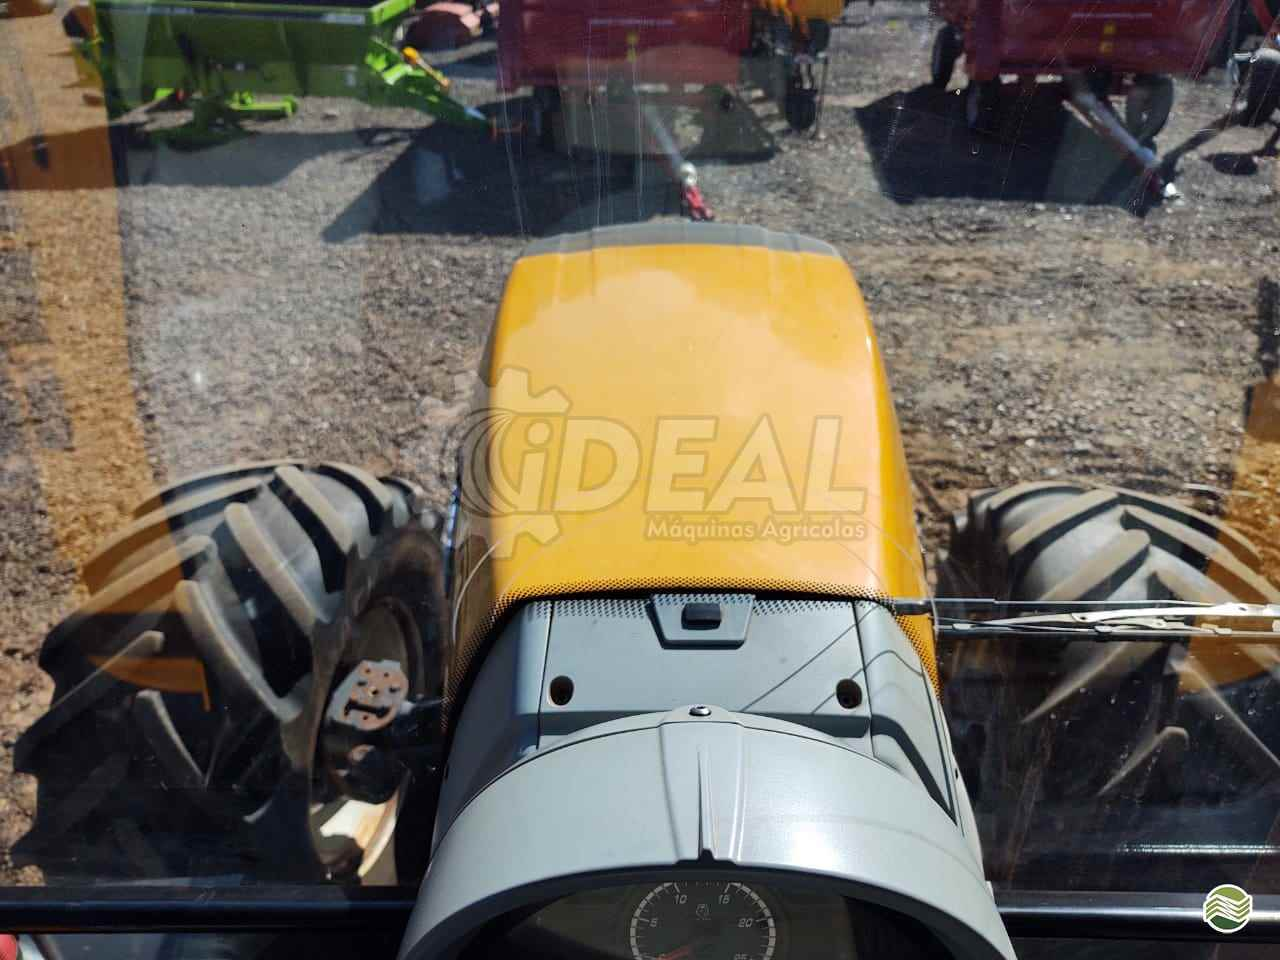 VALTRA VALTRA T 250  2018/2018 Ideal Máquinas Agrícolas